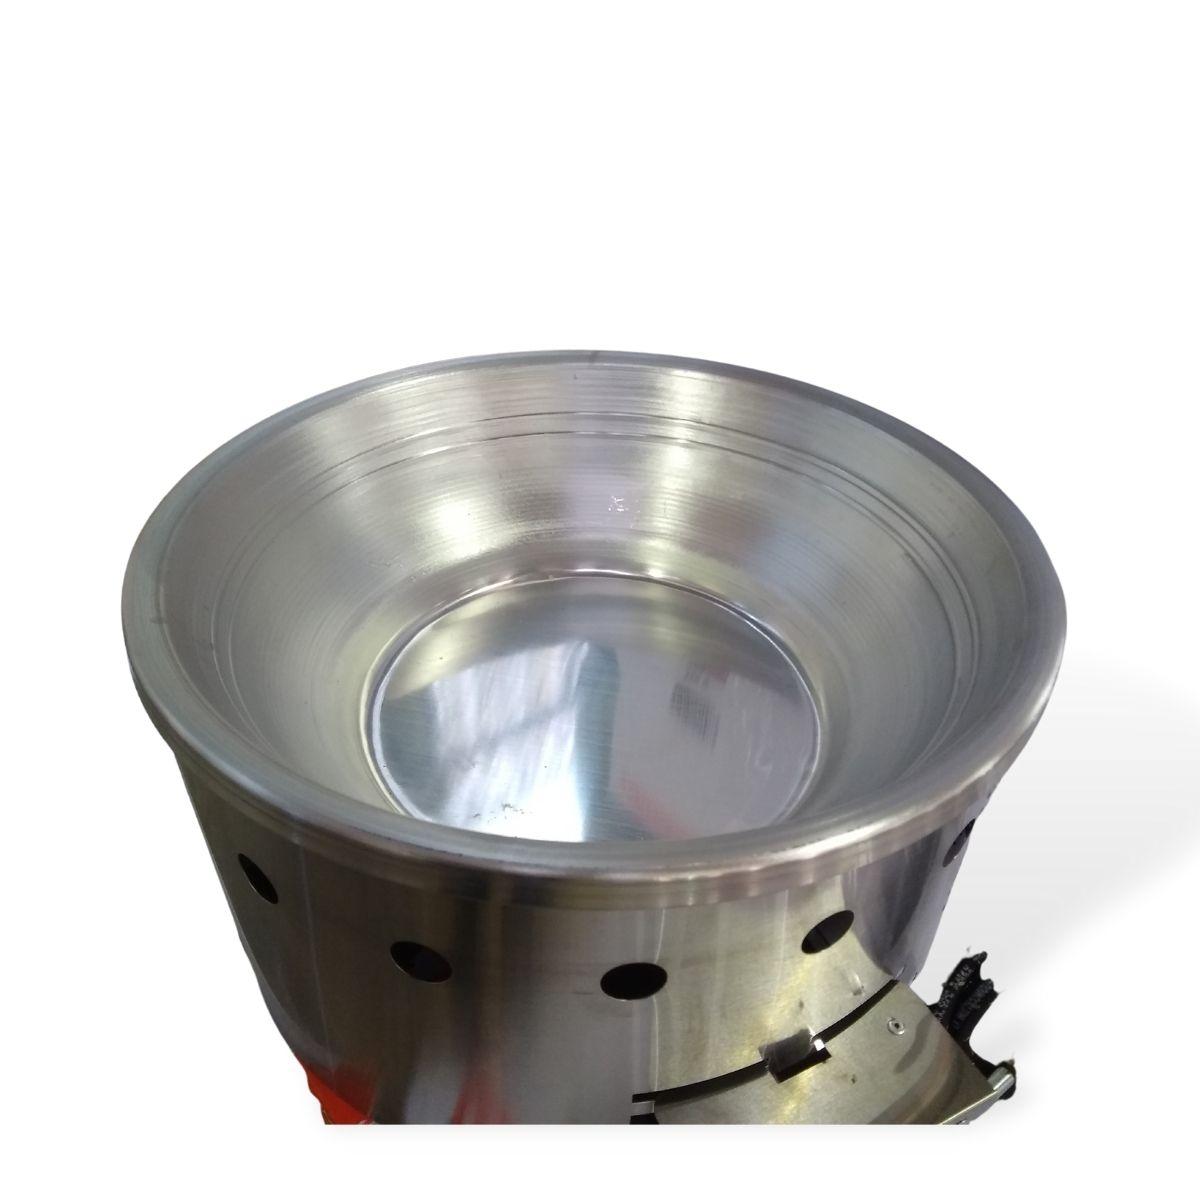 Tacho Fritador de Salgados à Gás 7 Litros Pasteleiro Alta Pressão Com Cesto Inox - Progás  - Carmel Equipamentos